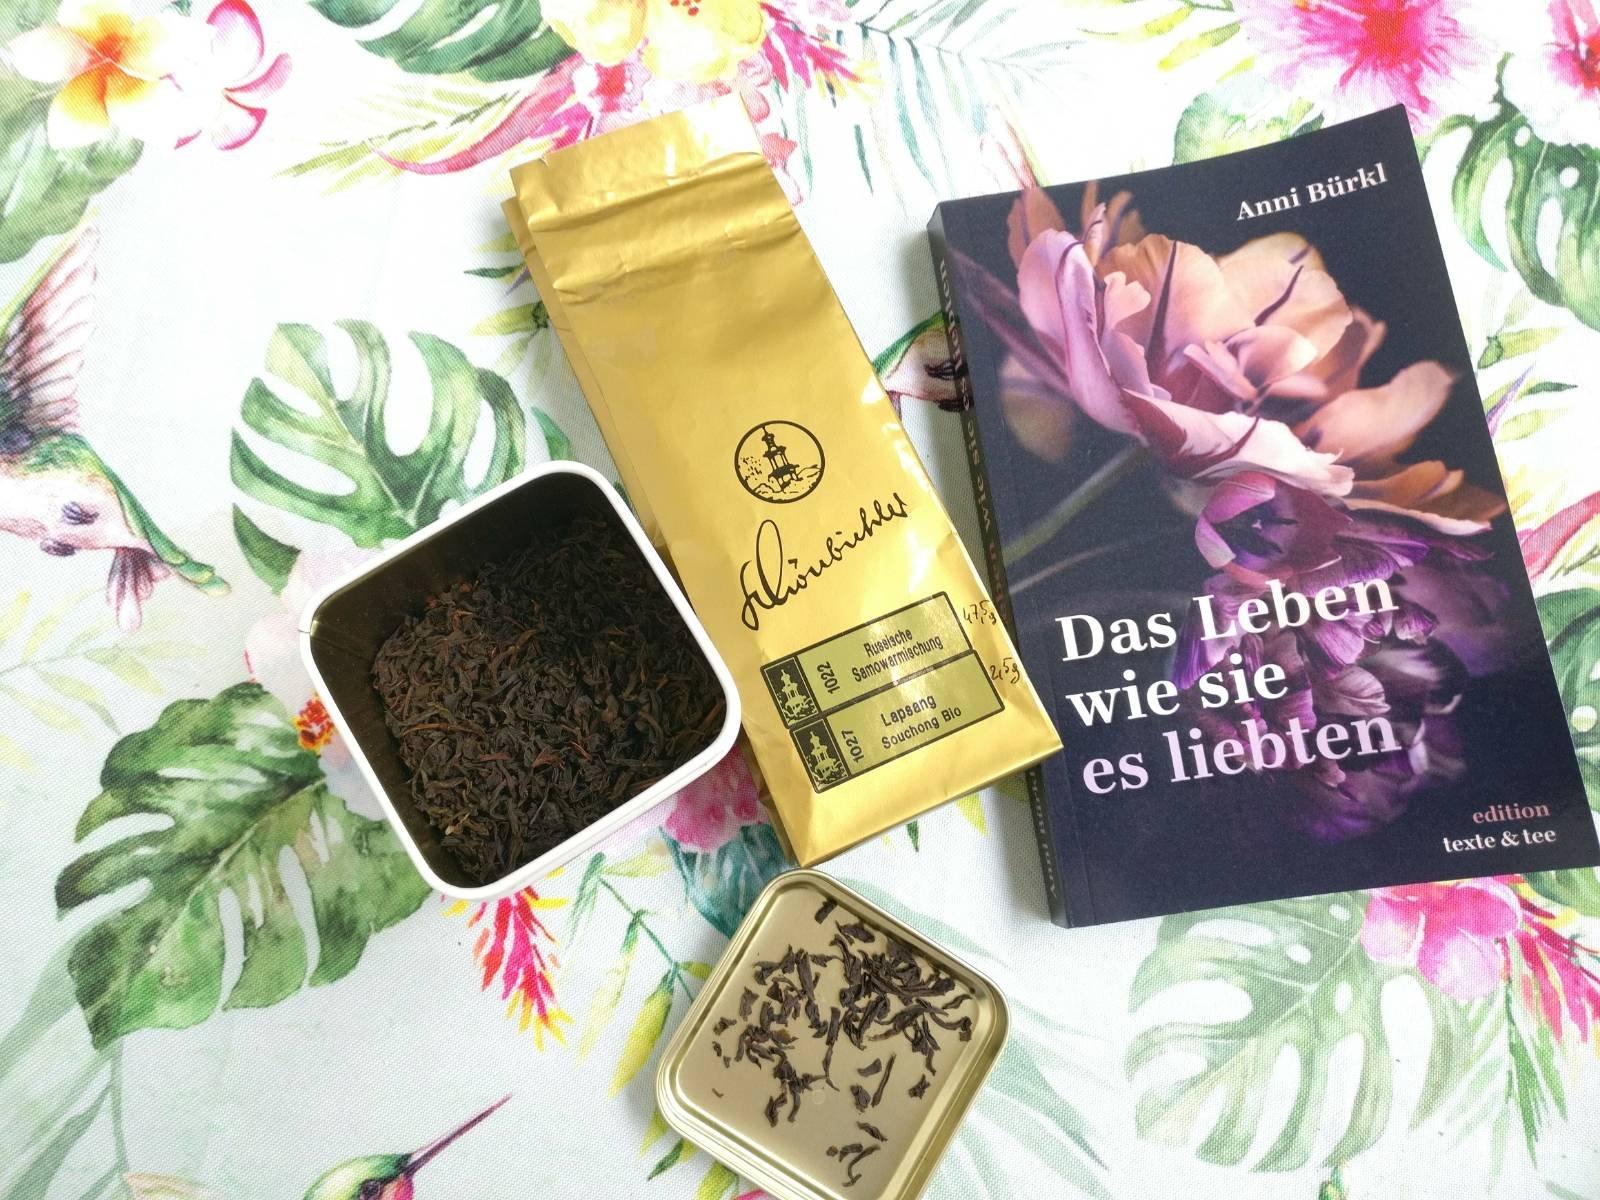 Artjoms Tee zum Roman